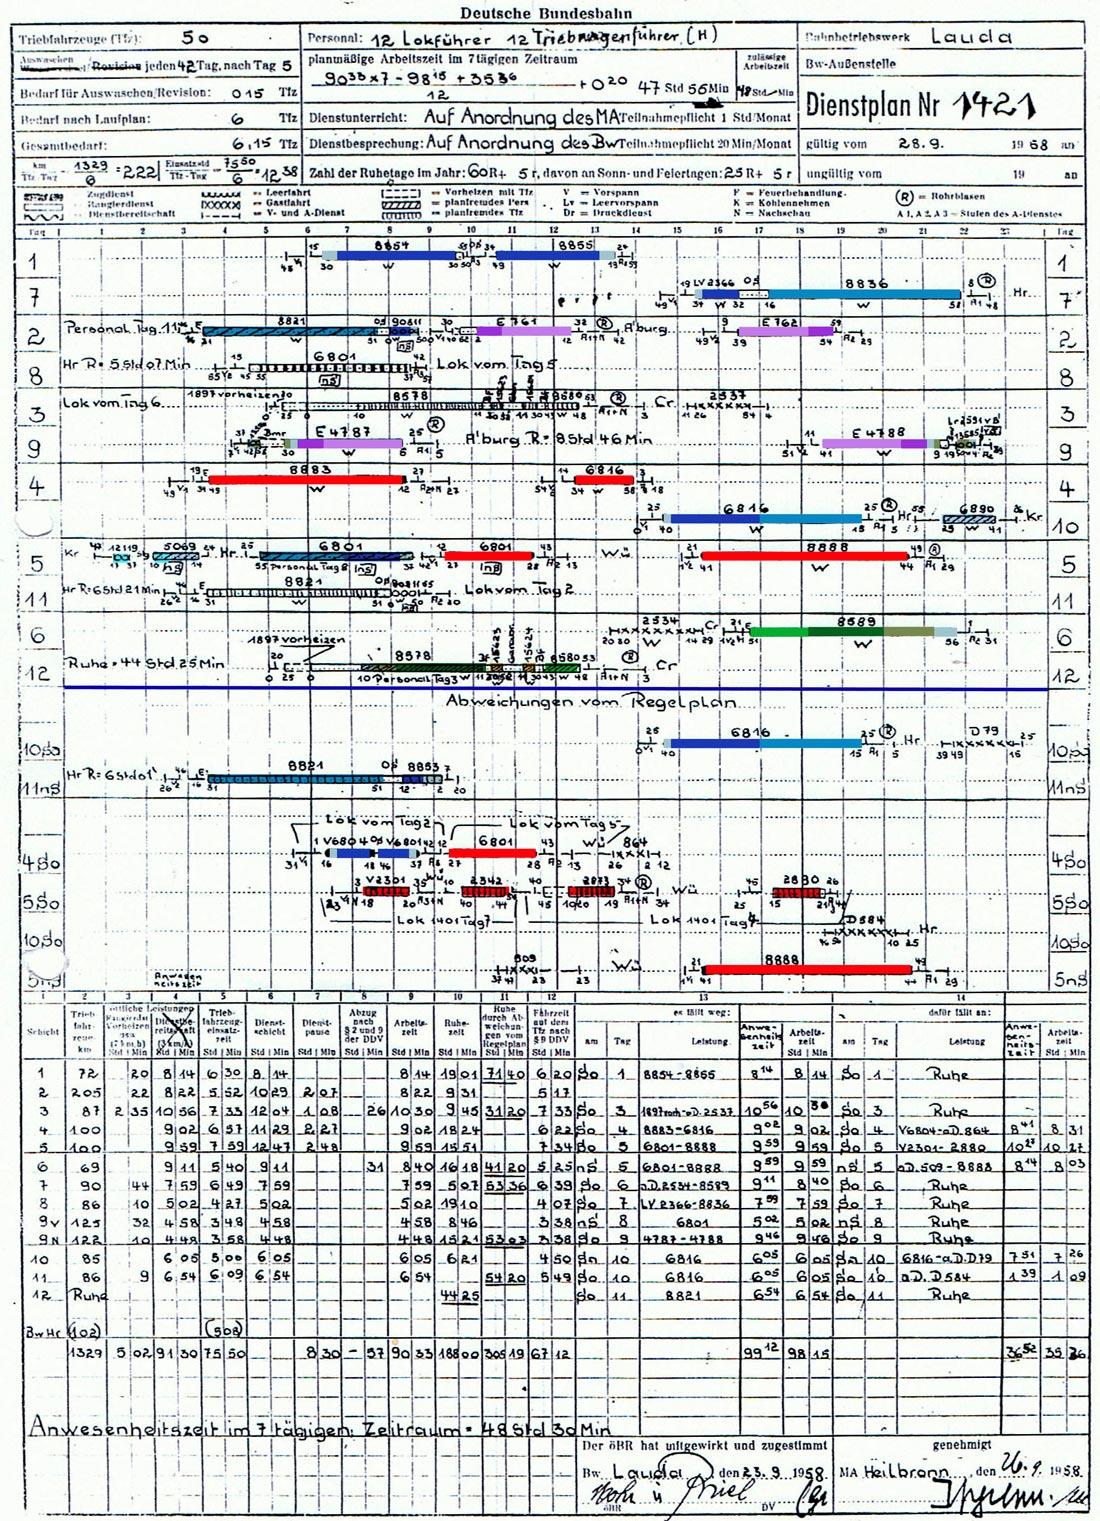 50-Lauda-Dienst14v21-58Wint